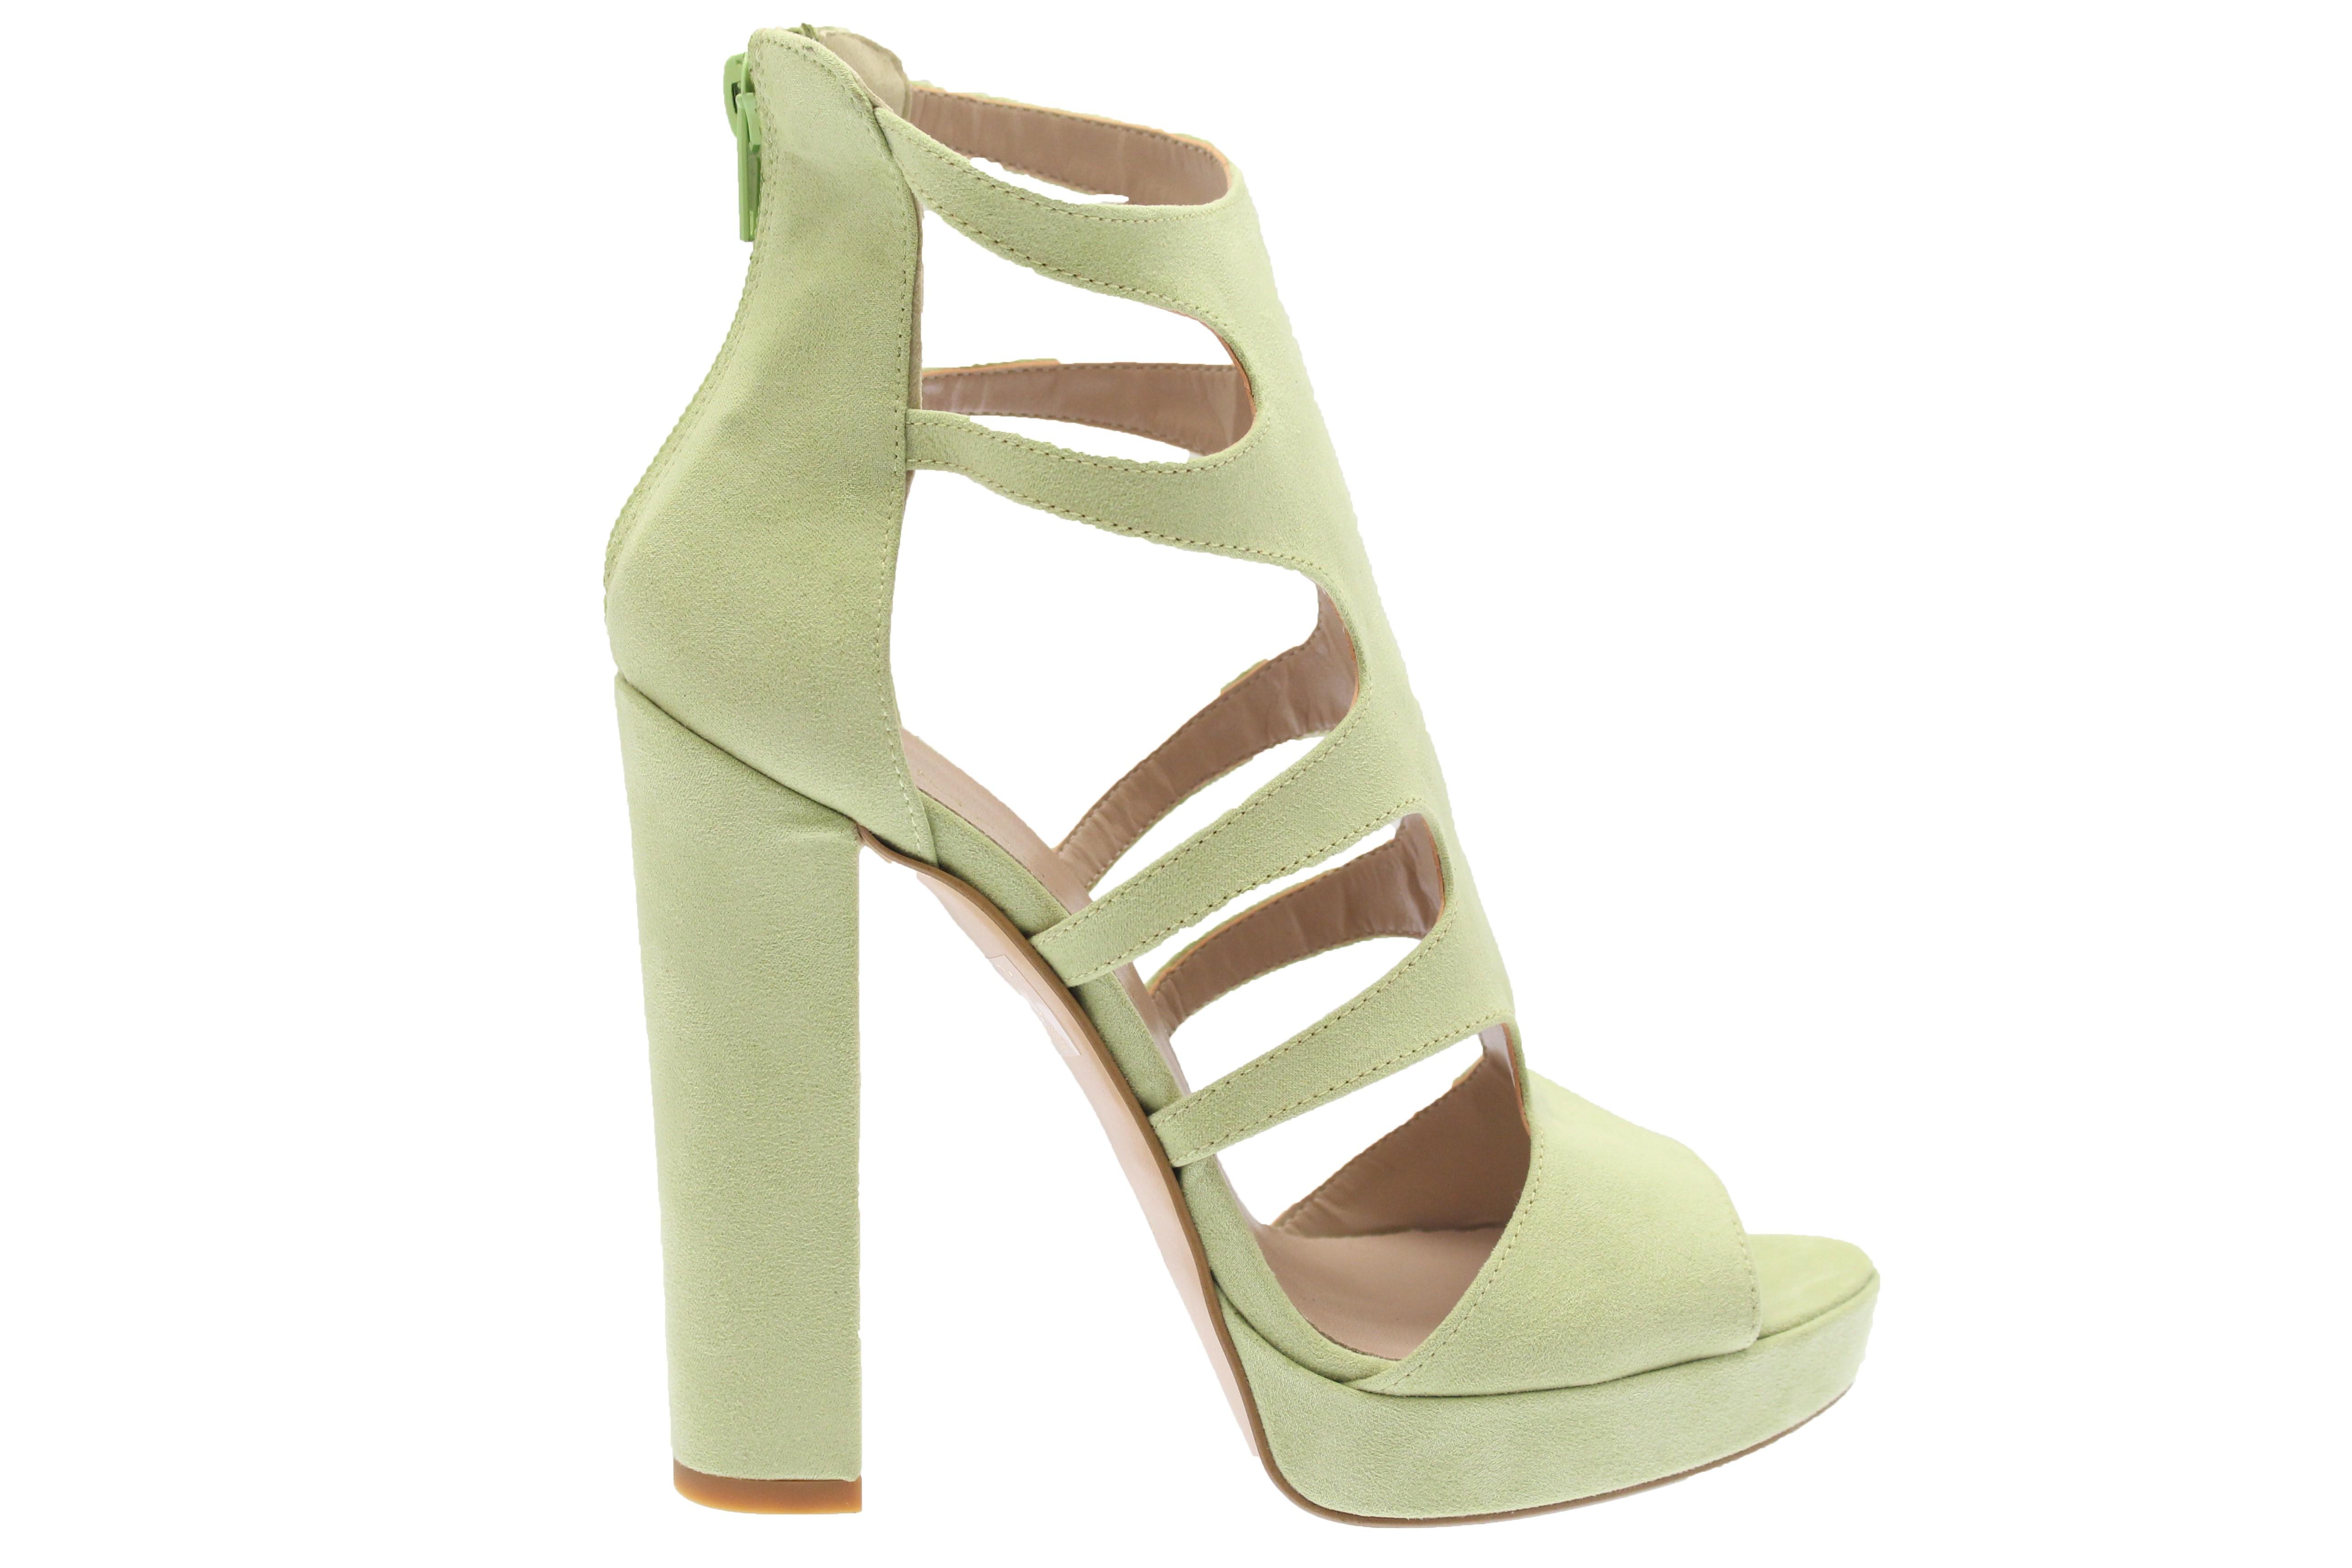 Talon Daim Sublime Sandale Shoes Vert Osmose Pastel Nouvelle Couleur wlOkTZiuPX